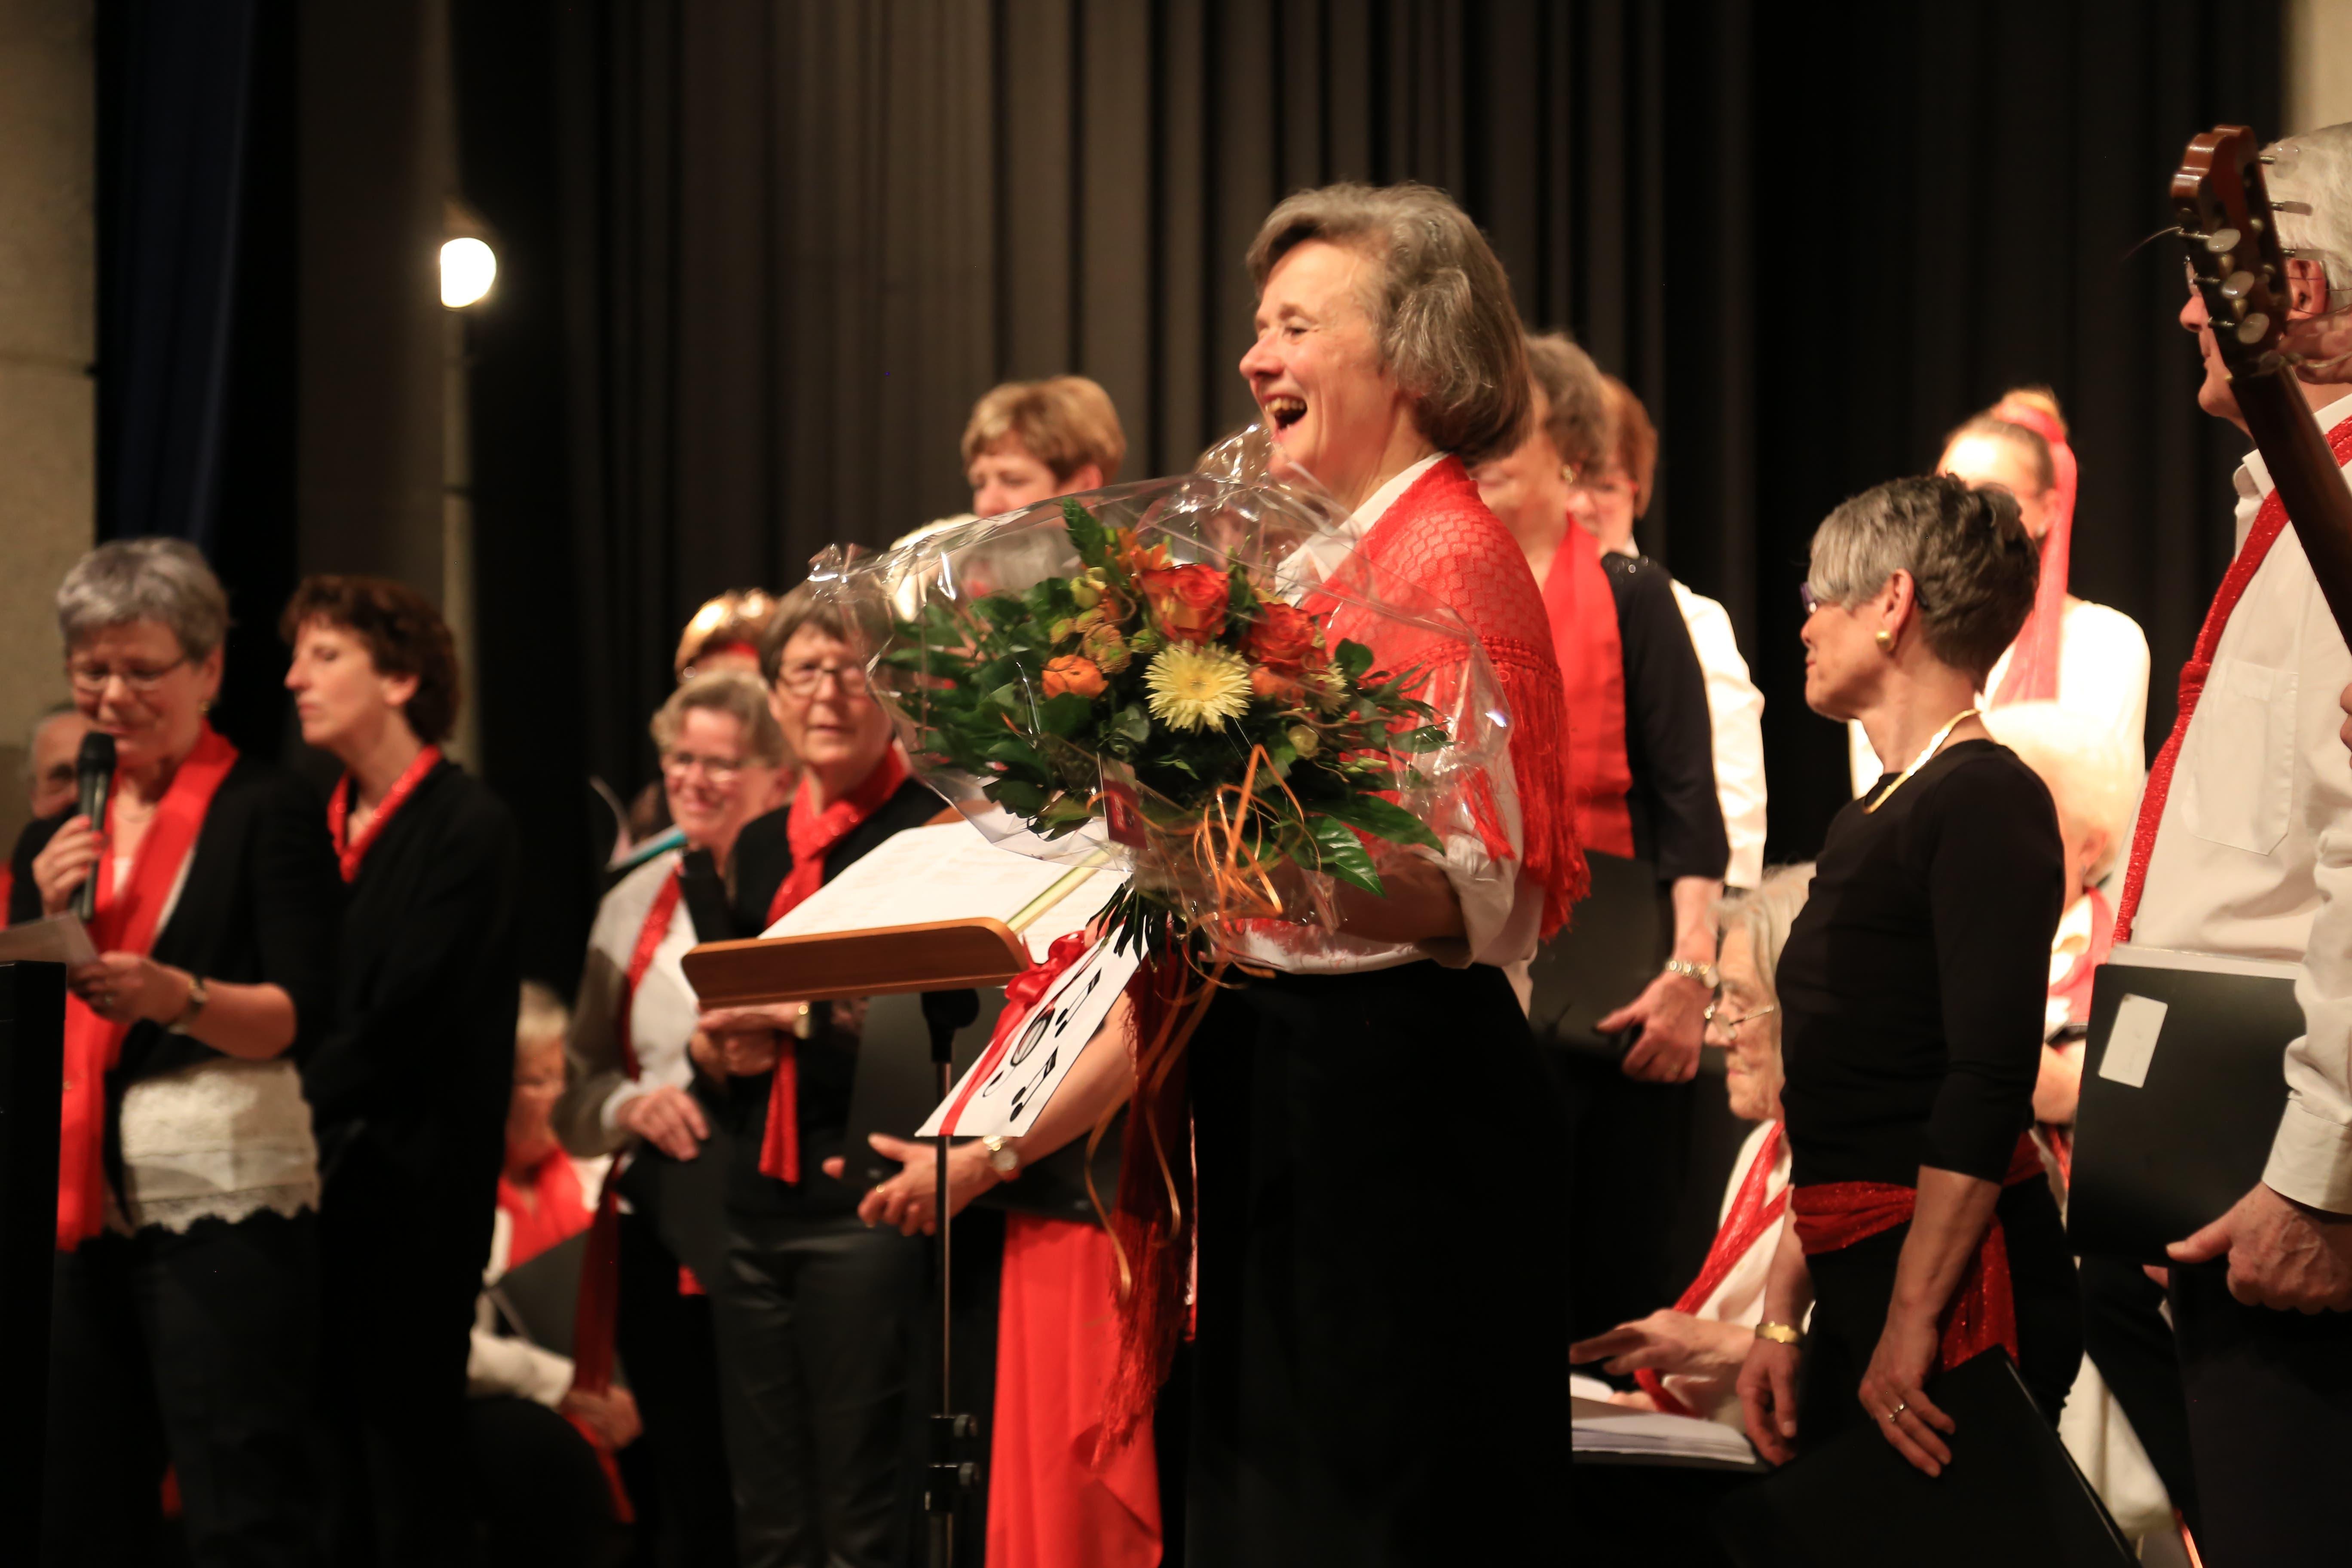 Musizierlust und Freude In der Chorleiterin Christine Neuhaus, aber auch in jedem Einzelnen singt ein grossartiges Erlebnis noch lang nach, «Heute hier – morgen dort»!